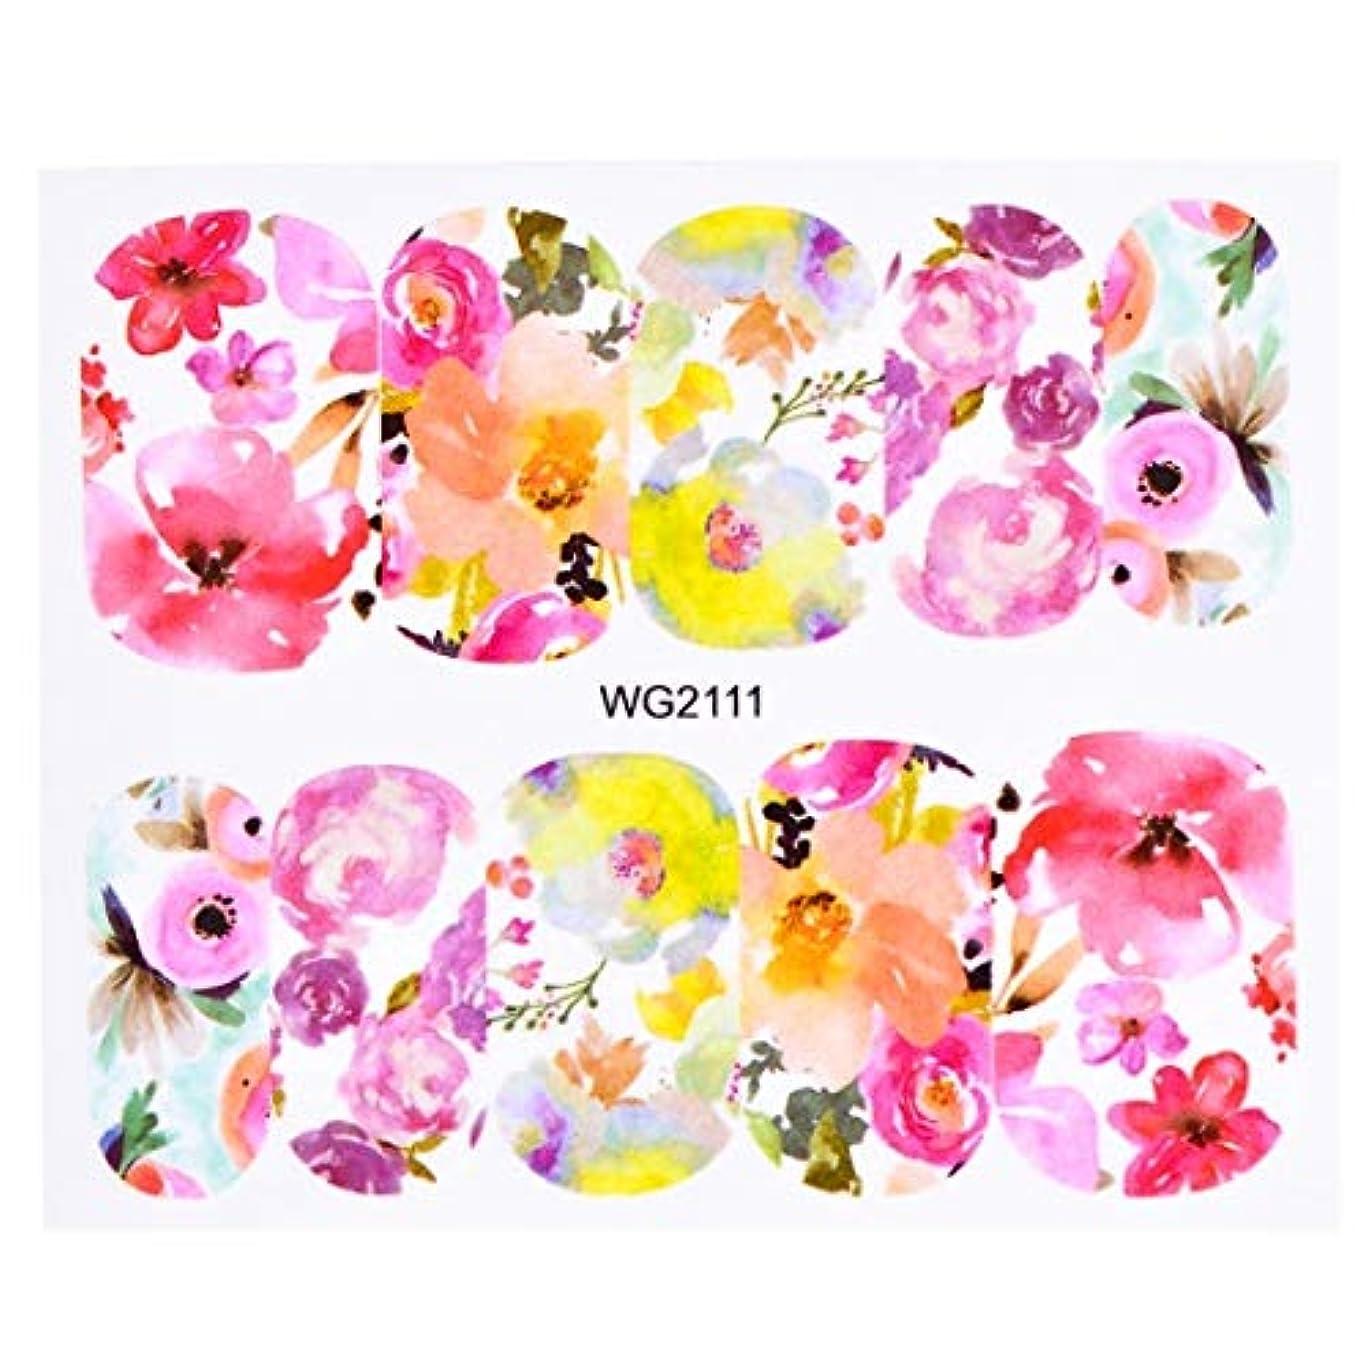 テラス風が強いうなずくビューティー&パーソナルケア 10個入りフラワーネイルアートデカール(WG2111) ステッカー&デカール (色 : WG2111)